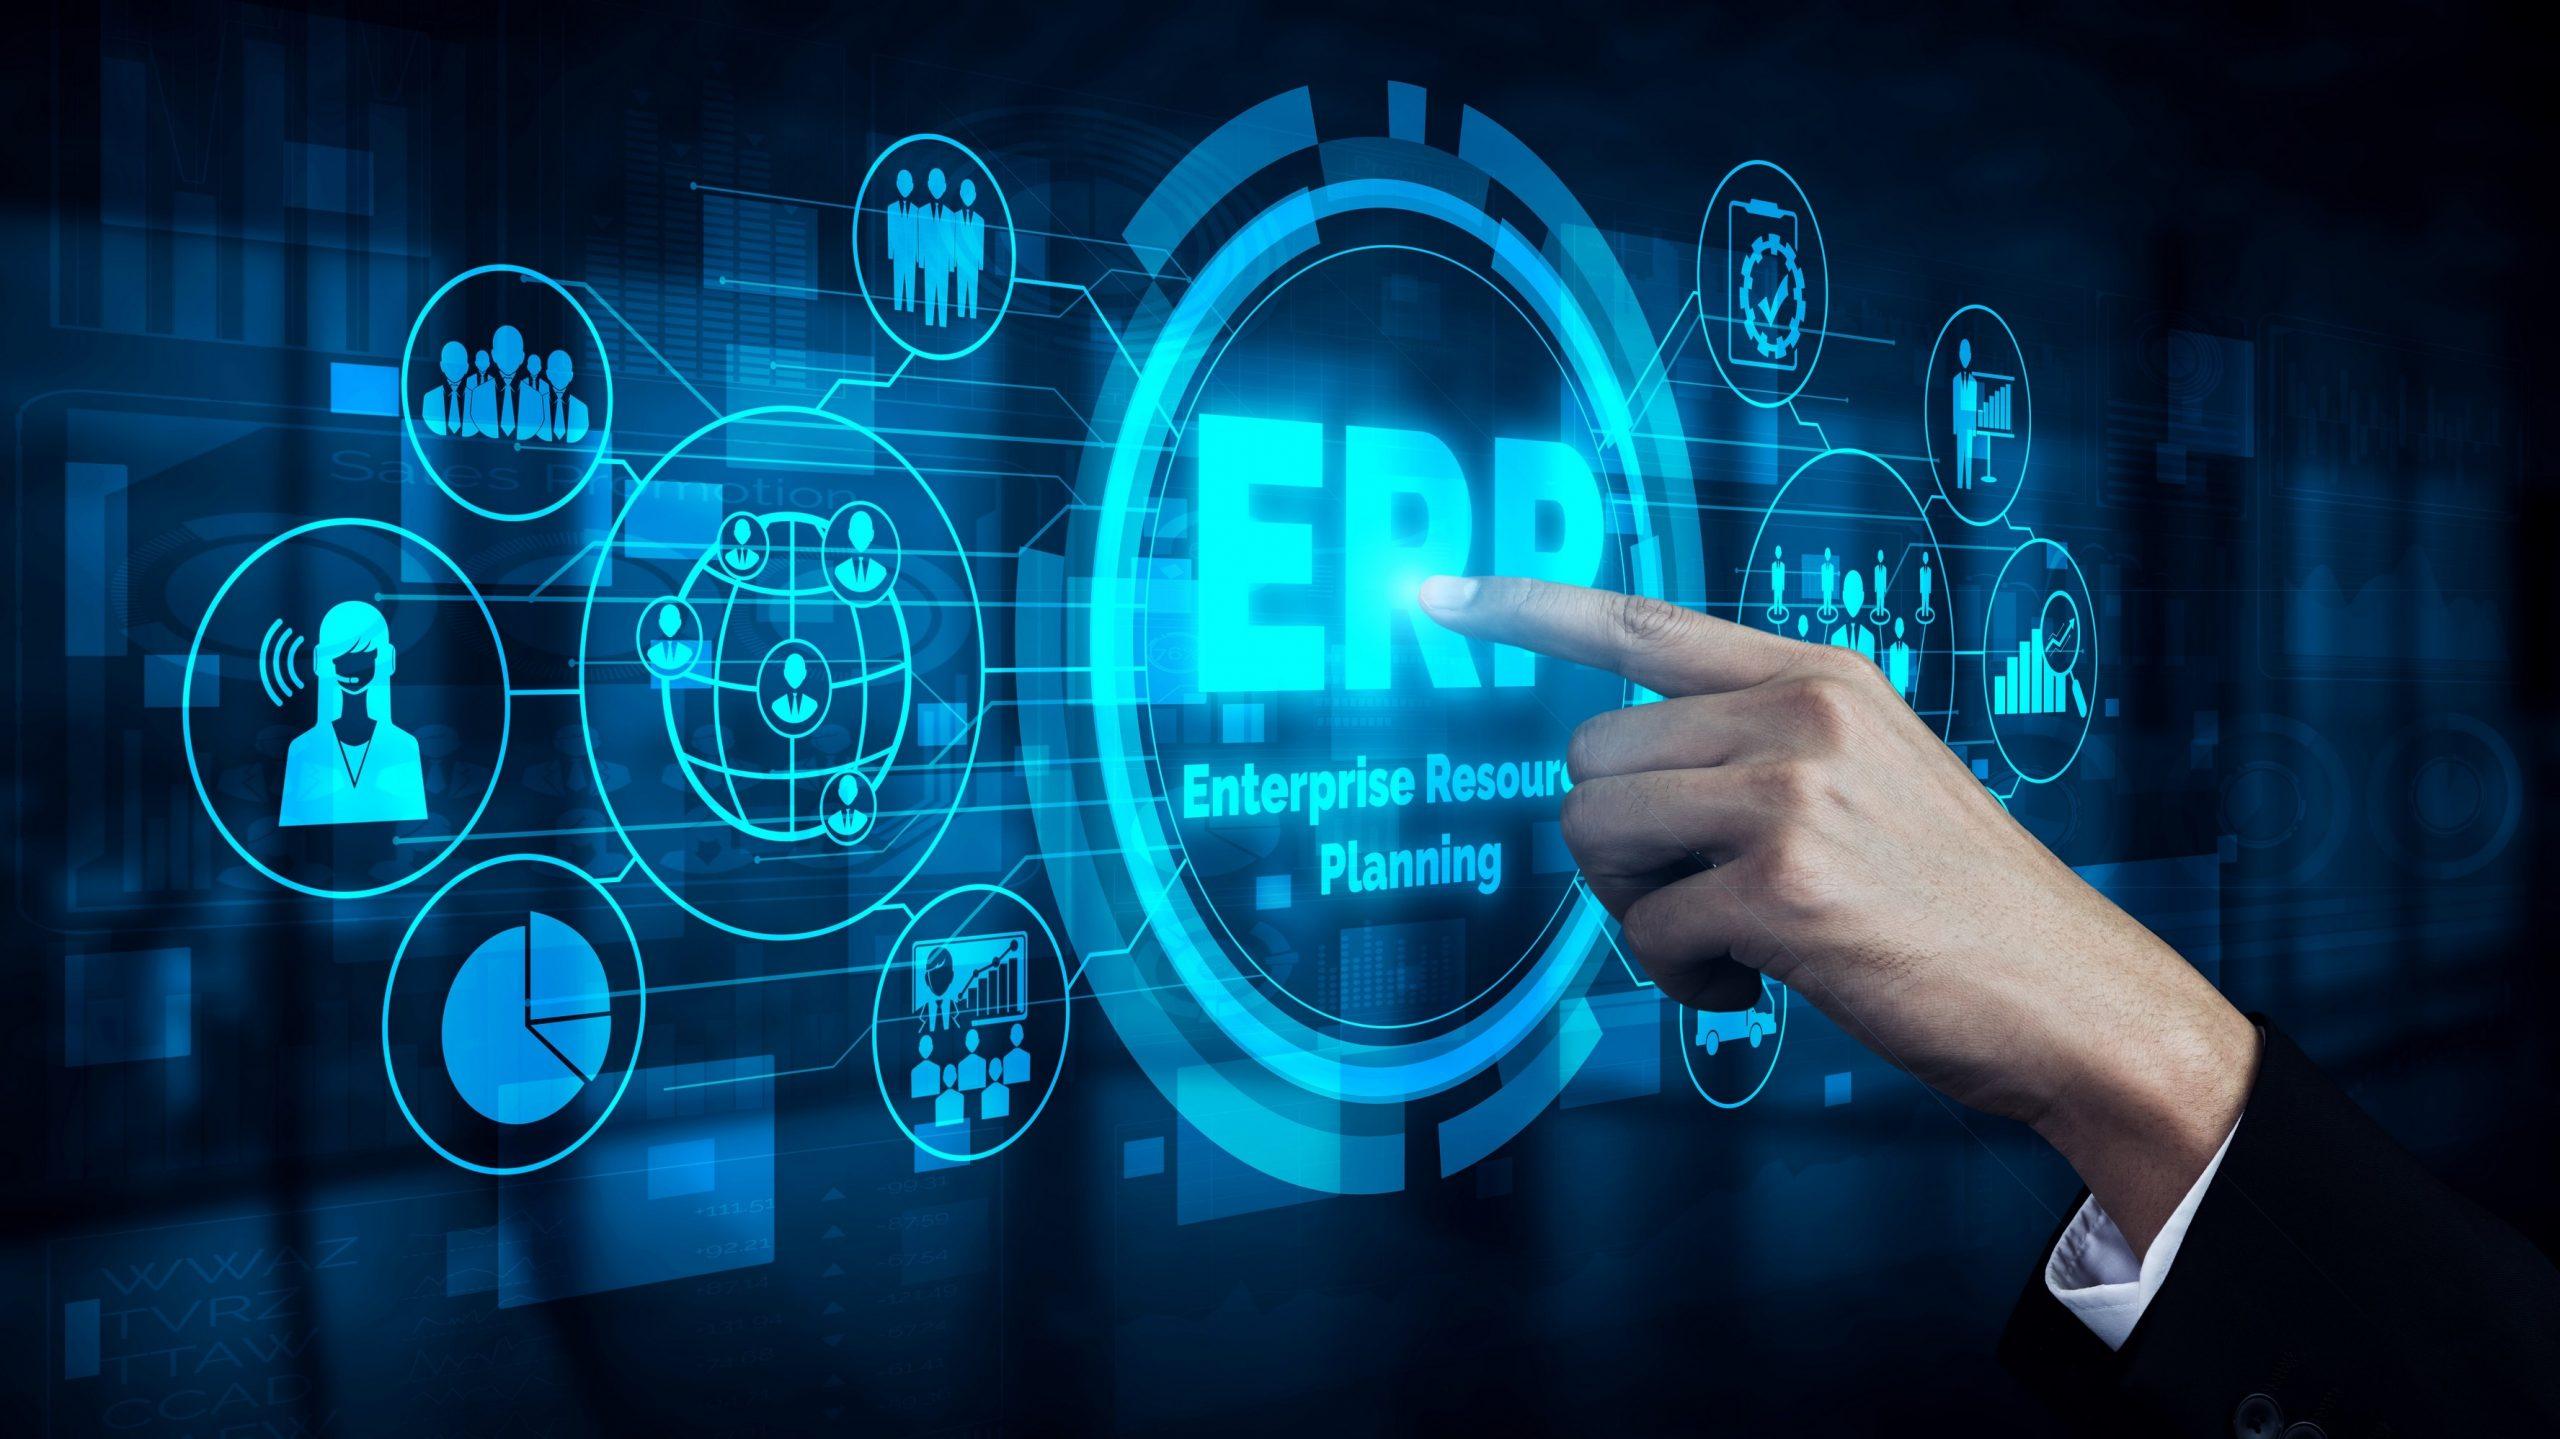 Giải pháp ERP là bài toán sống còn cho mỗi doanh nghiệp trong thời kỳ công nghiệp 4.0